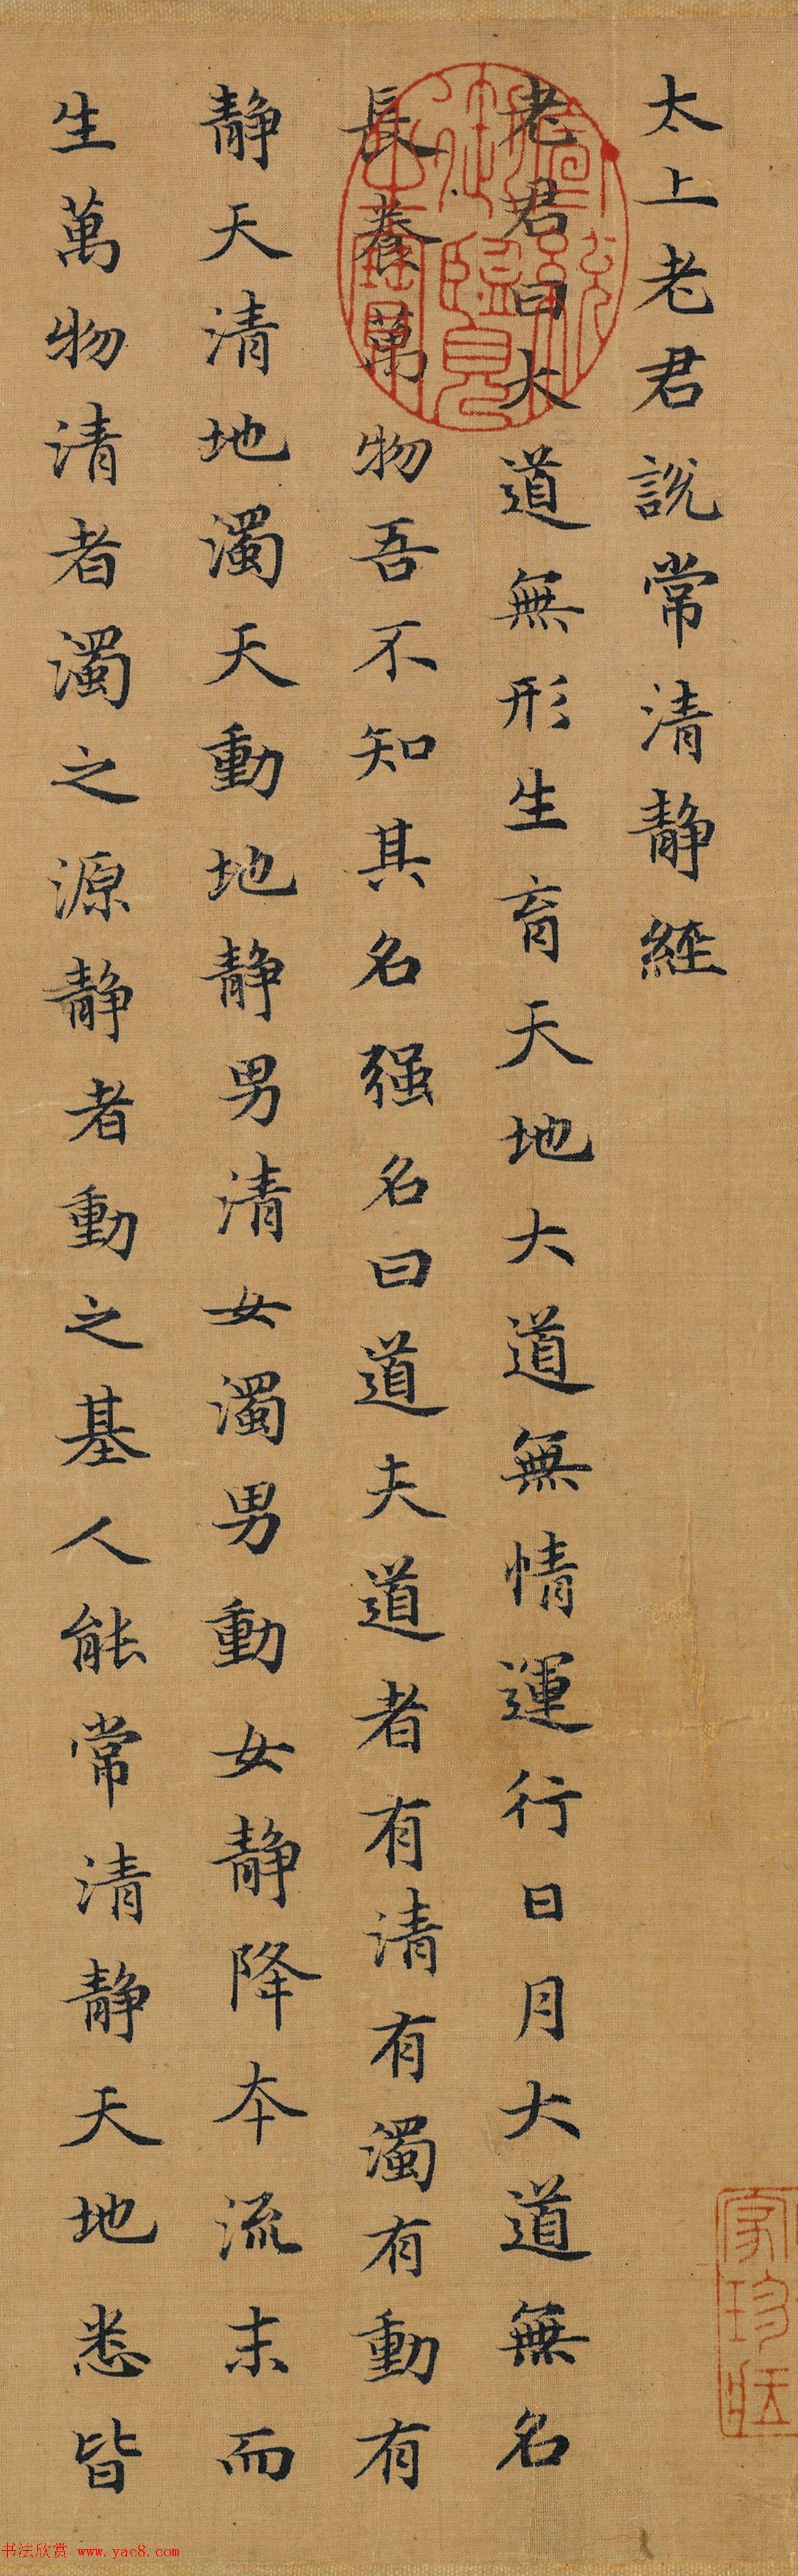 赵孟頫小楷墨迹《太上老君说常清静经》